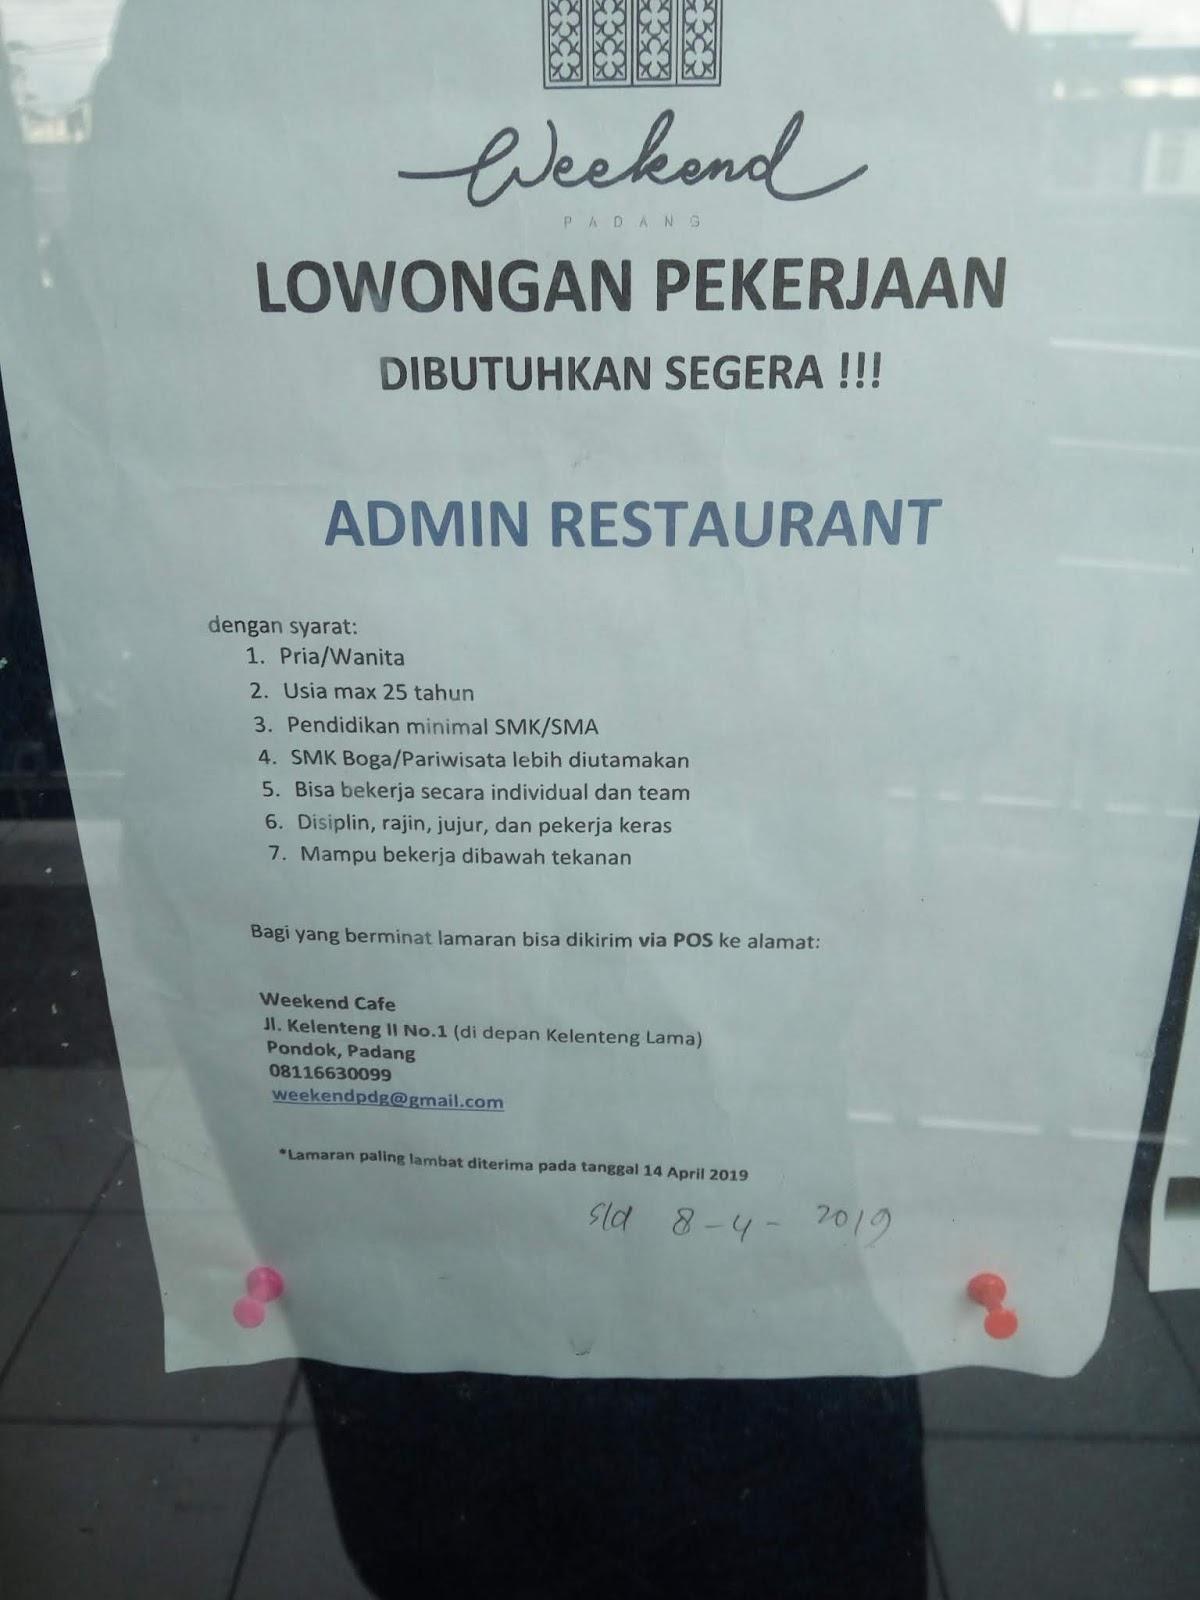 Lowongan Kerja Admin Restaurant Adsanjaya